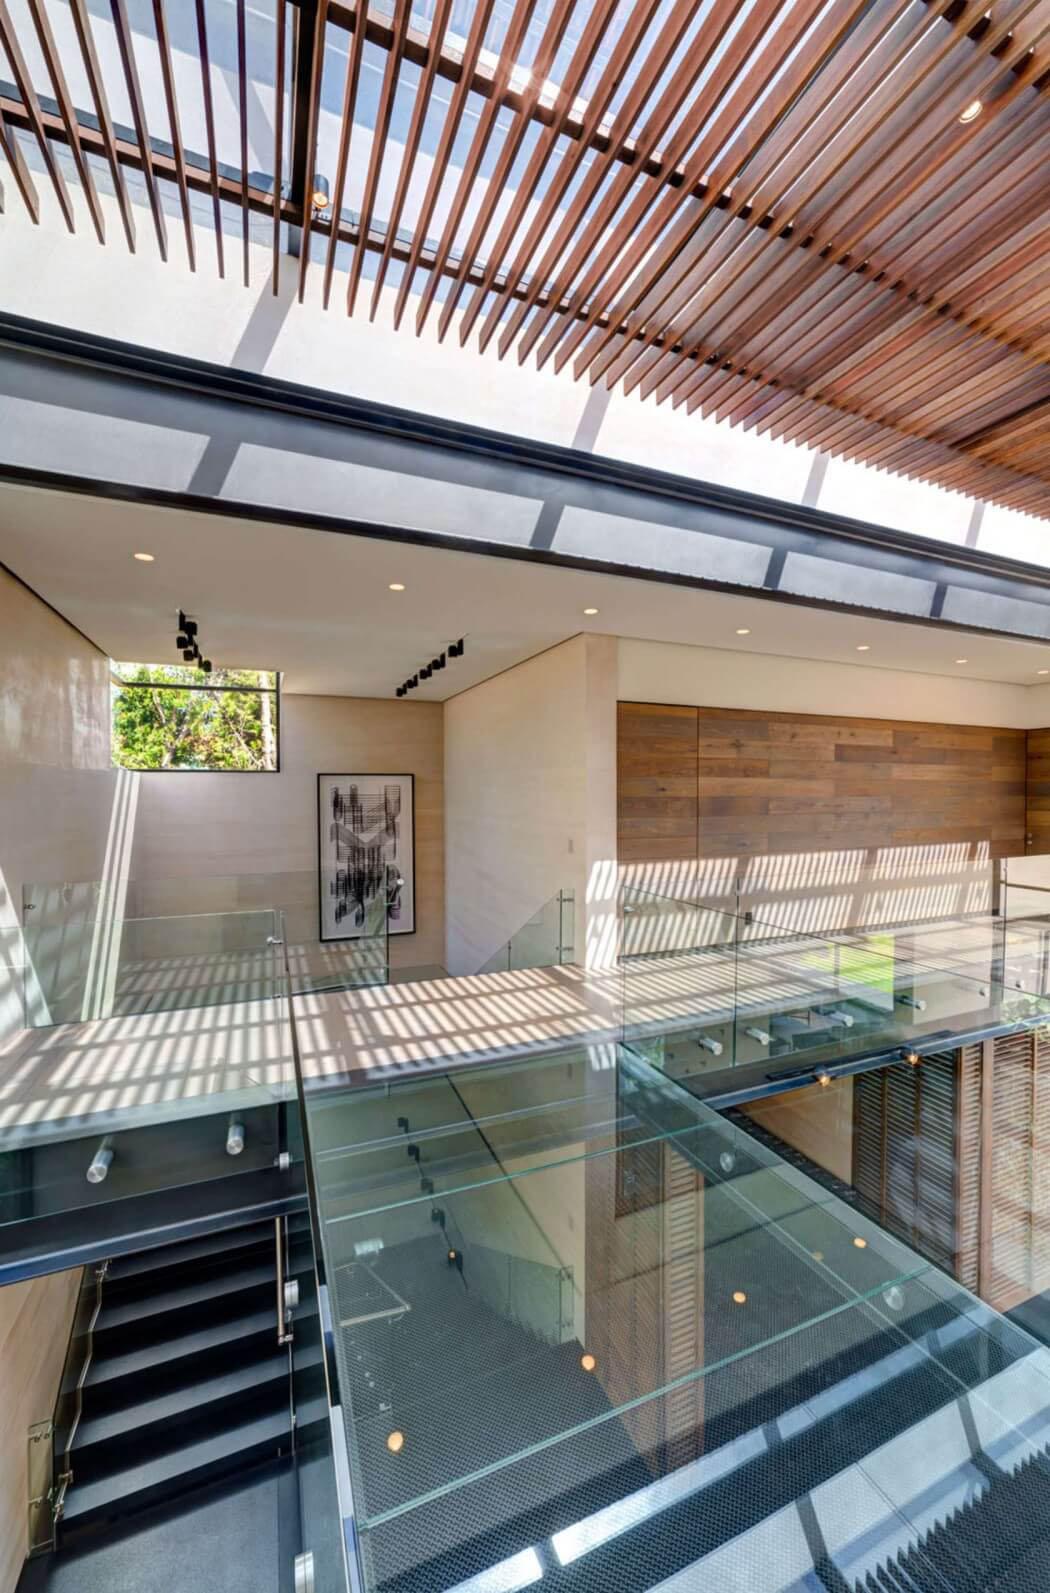 Maison Avec Passerelle Intérieure belle résidence de standing à l'architecture contemporaine